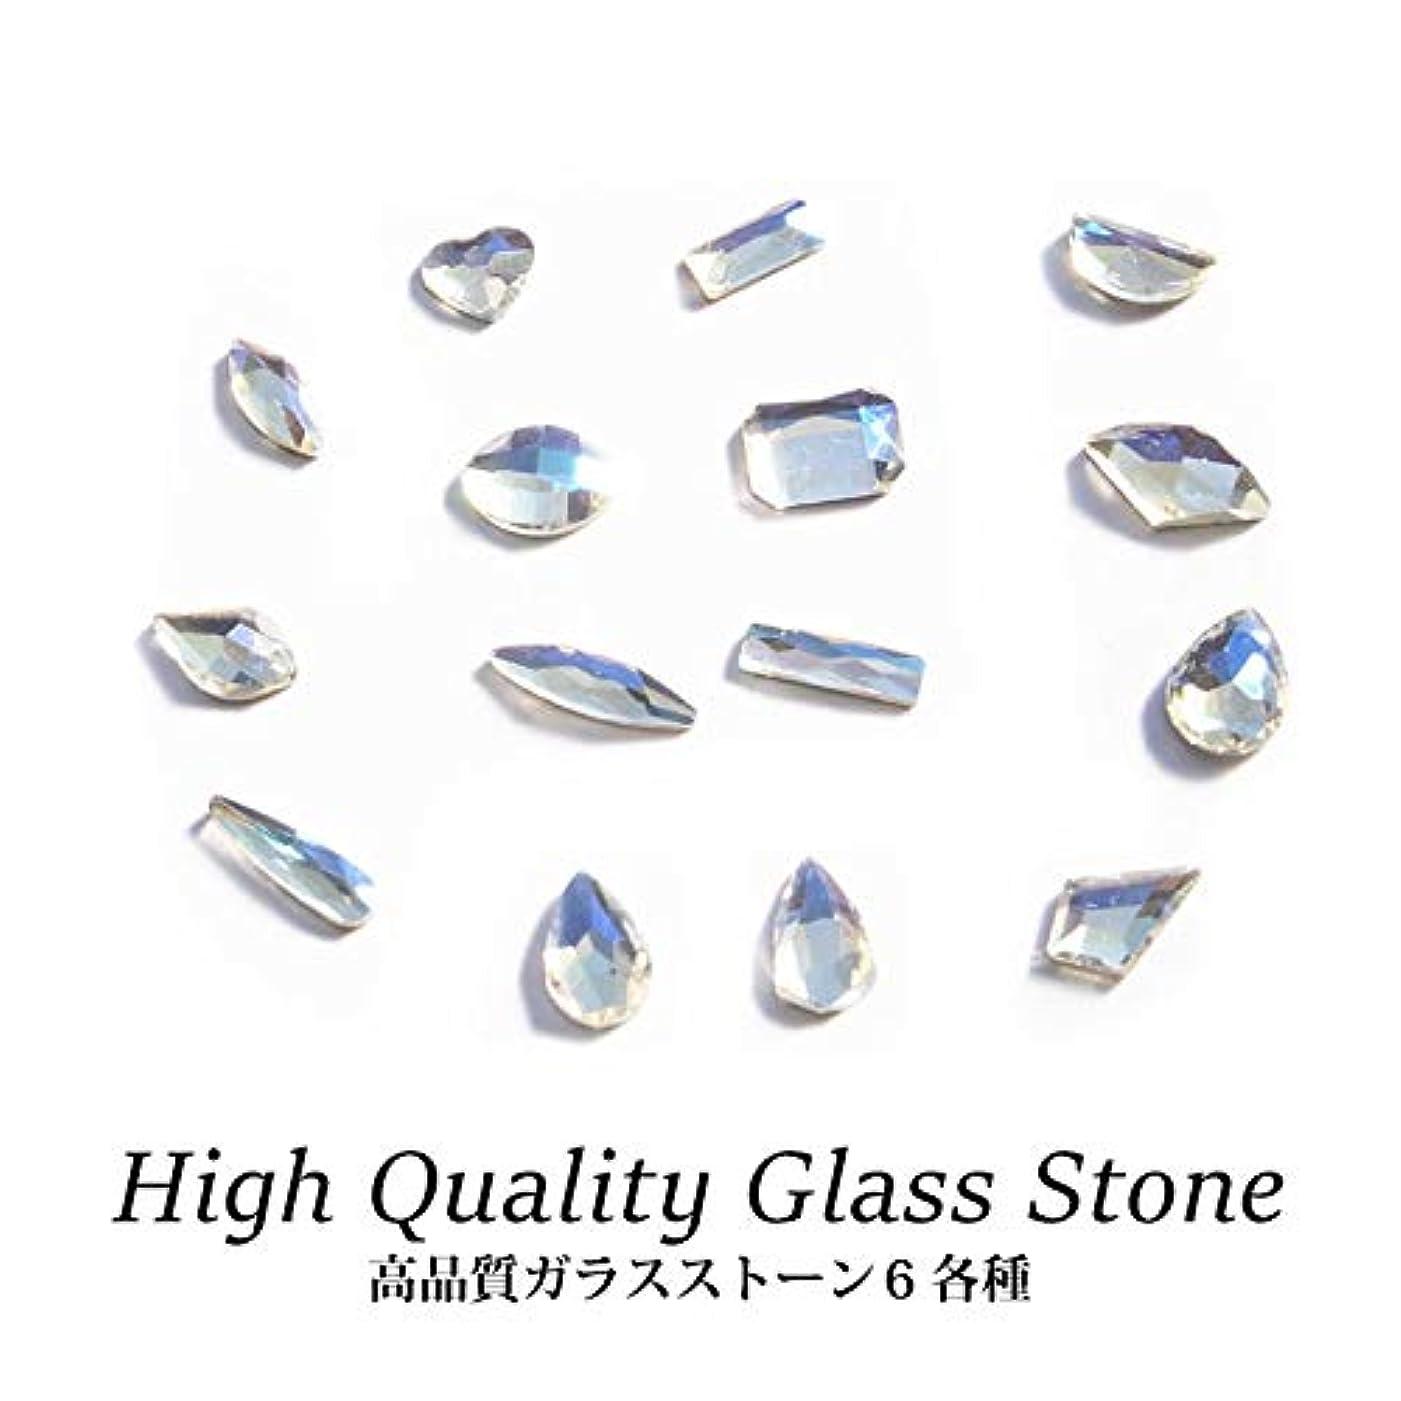 泥沼引き出しアプトブルームーンカラーが魅惑的なクリスタルストーン! 高品質 ガラスストーン 6 各種 5個入り (4.ランバス 6×10mm)